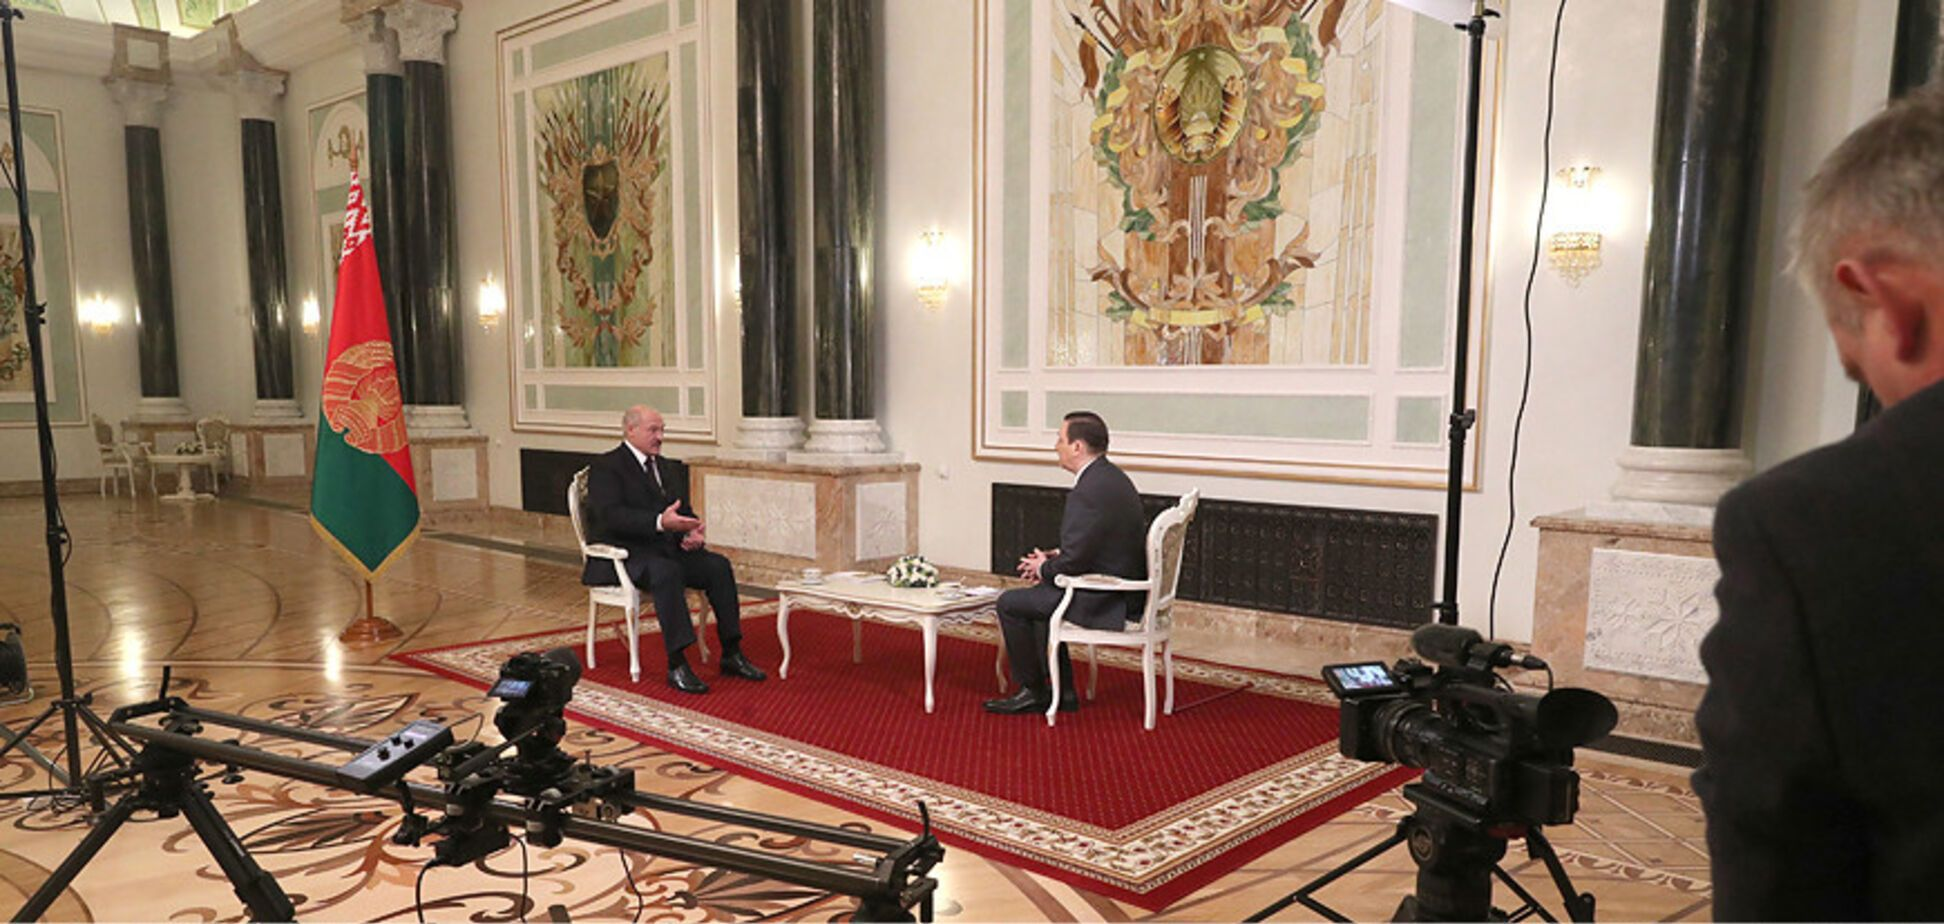 Обиженный Лукашенко собрался на 9 мая к Путину